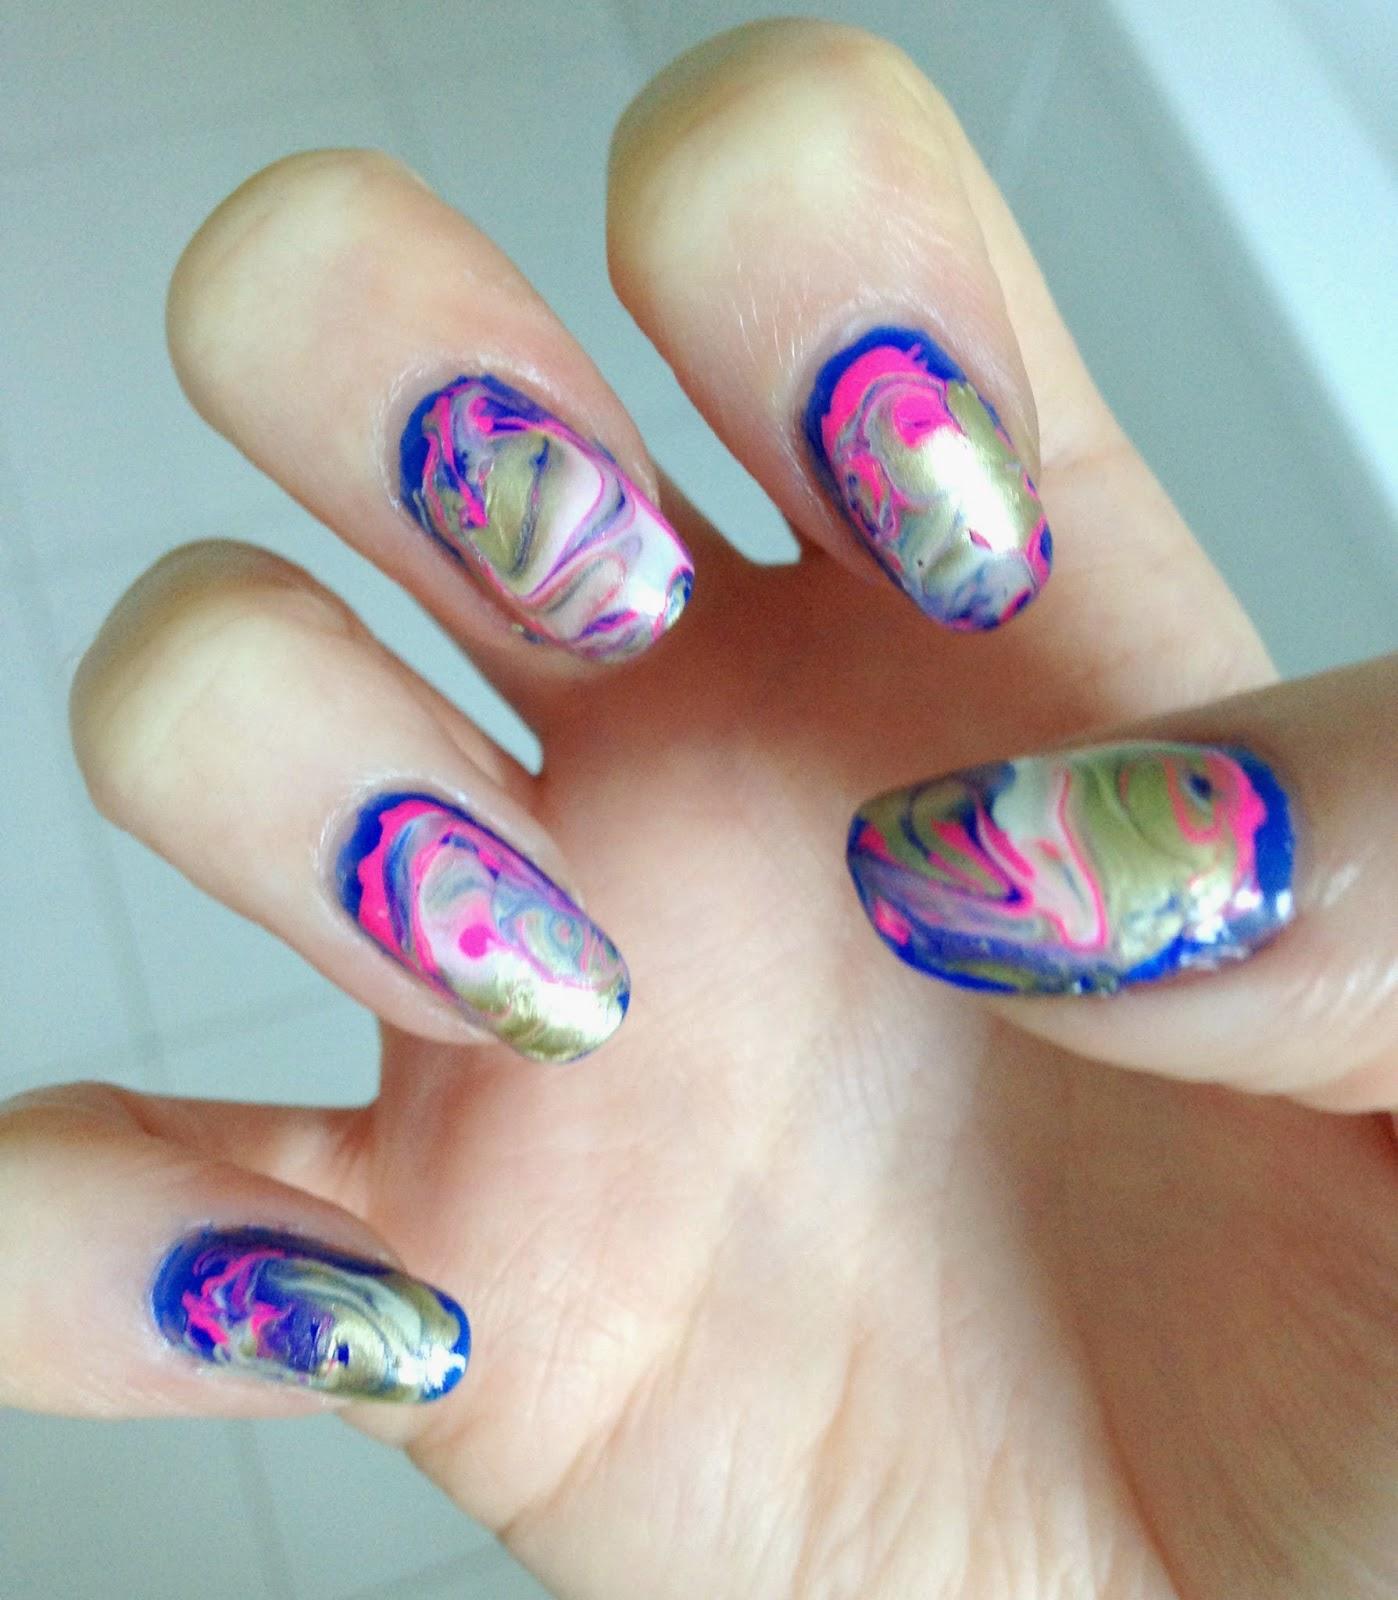 Made of Codes: WAH Nails: Marble Nail Art